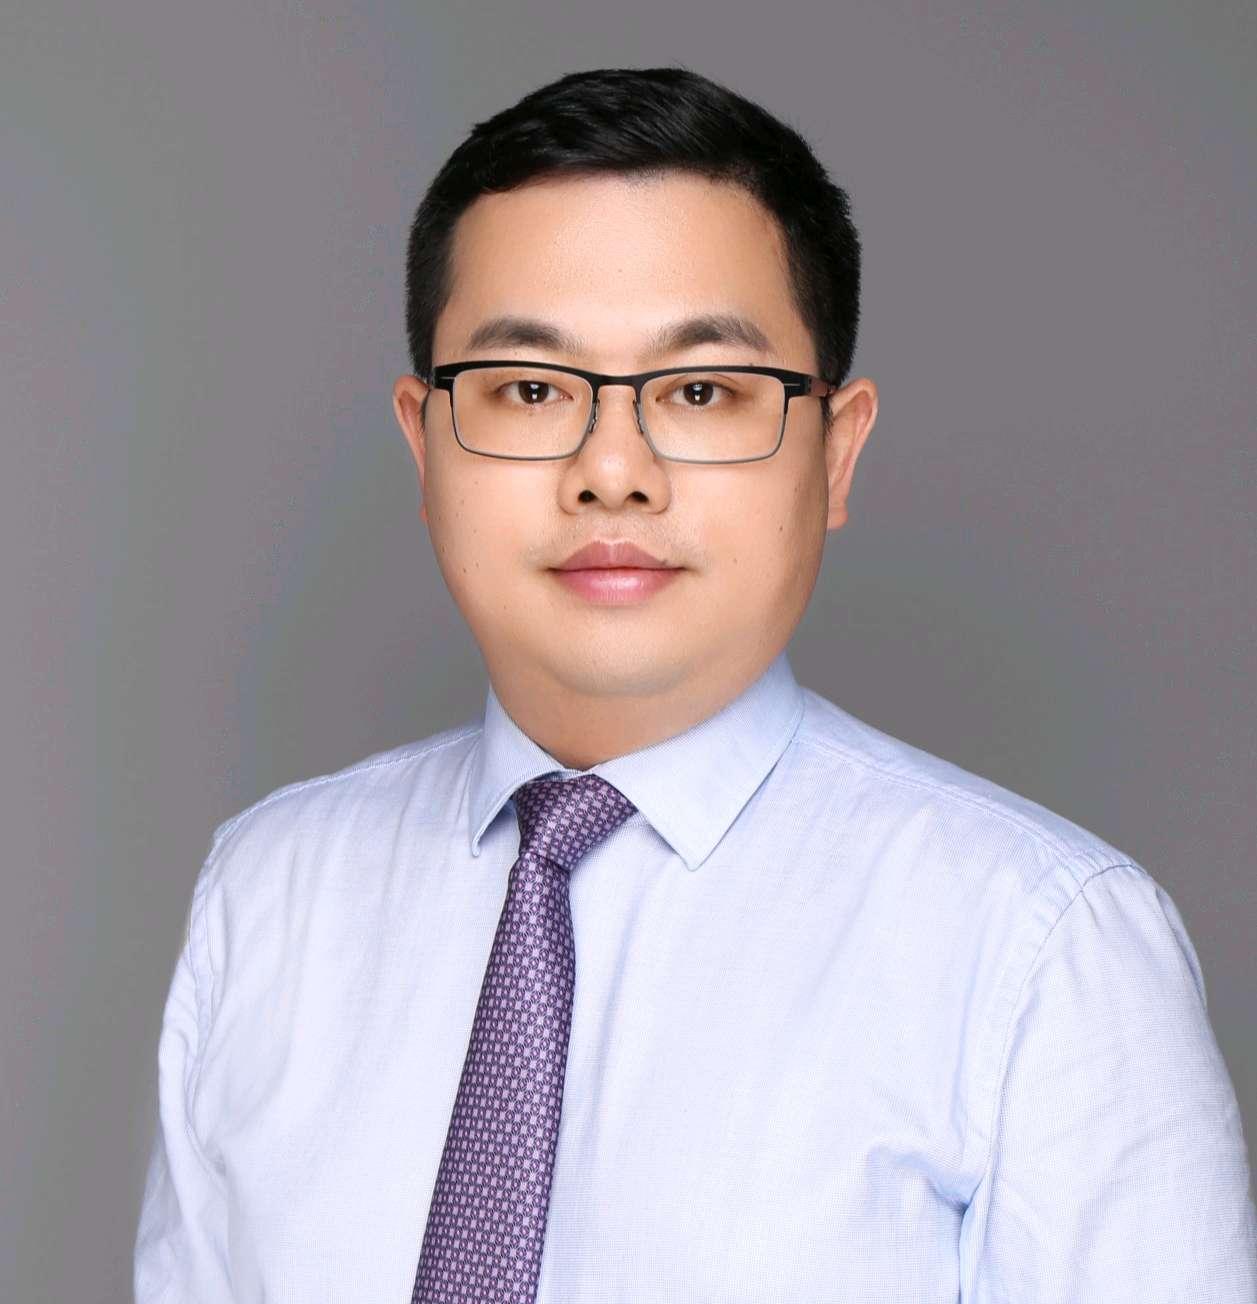 王波(甲状腺外科)